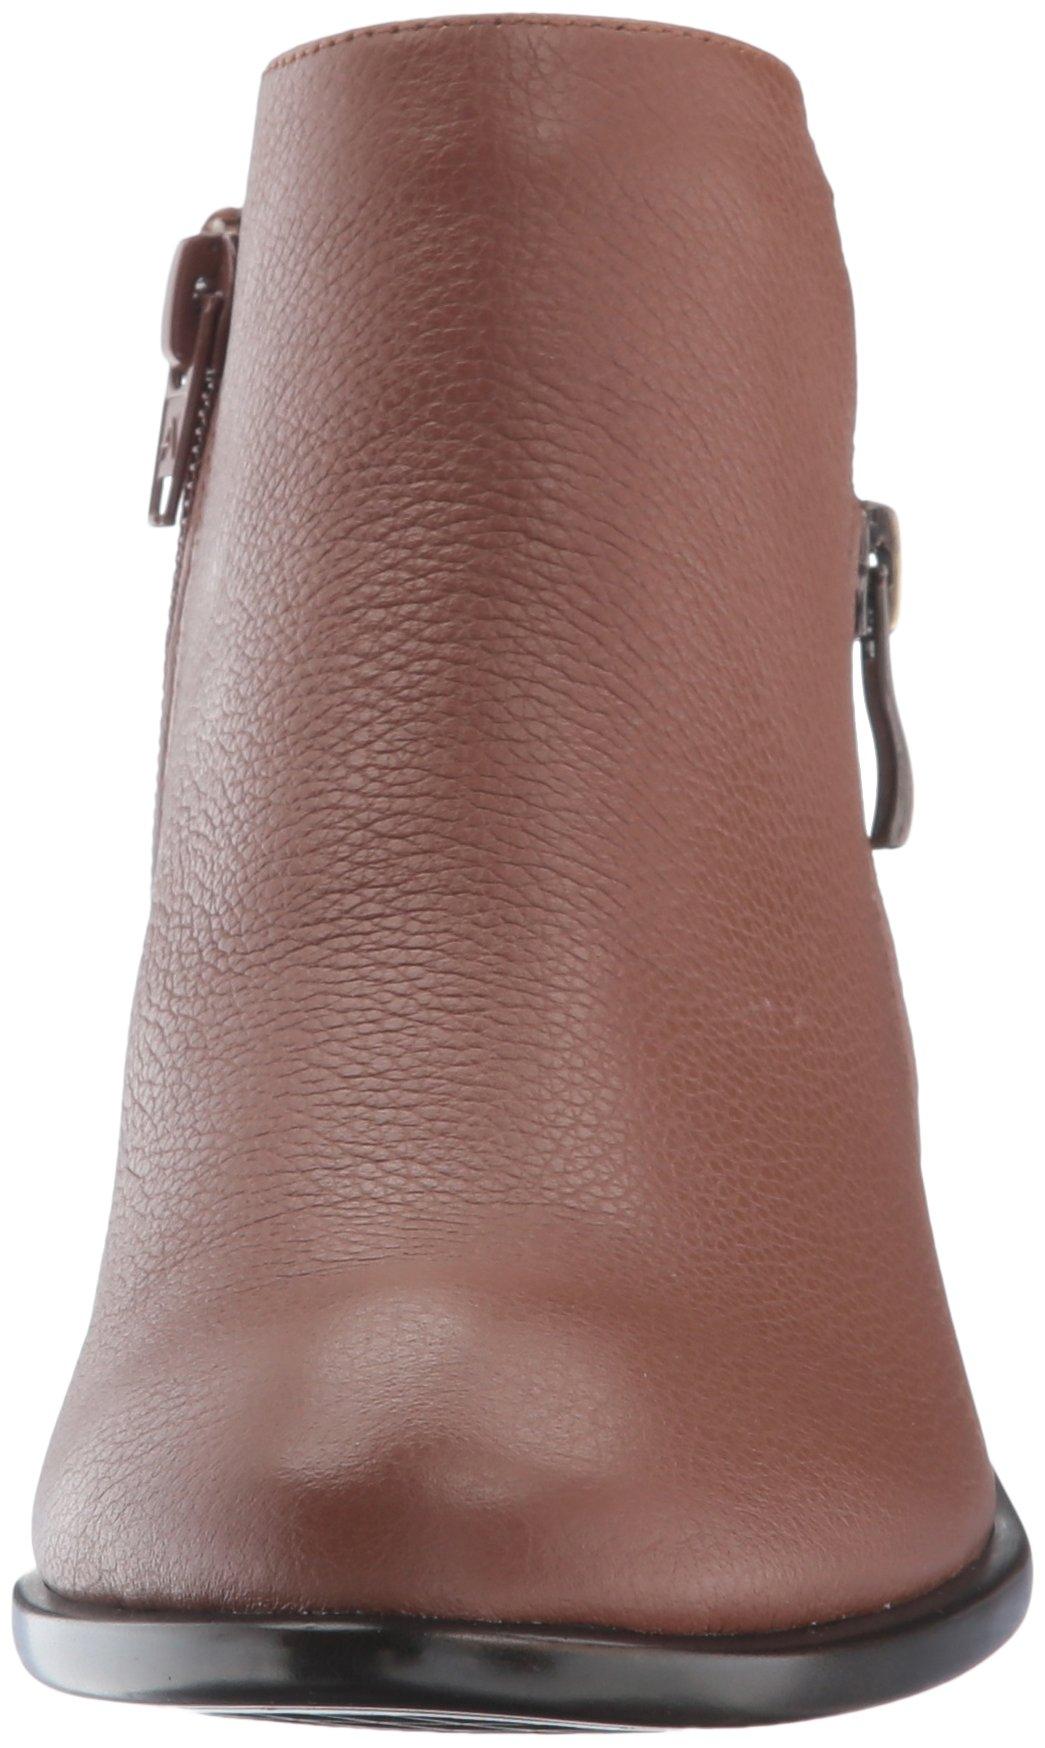 Aerosoles Women's Mythology Boot, Dark Tan Leather, 9 W US by Aerosoles (Image #4)